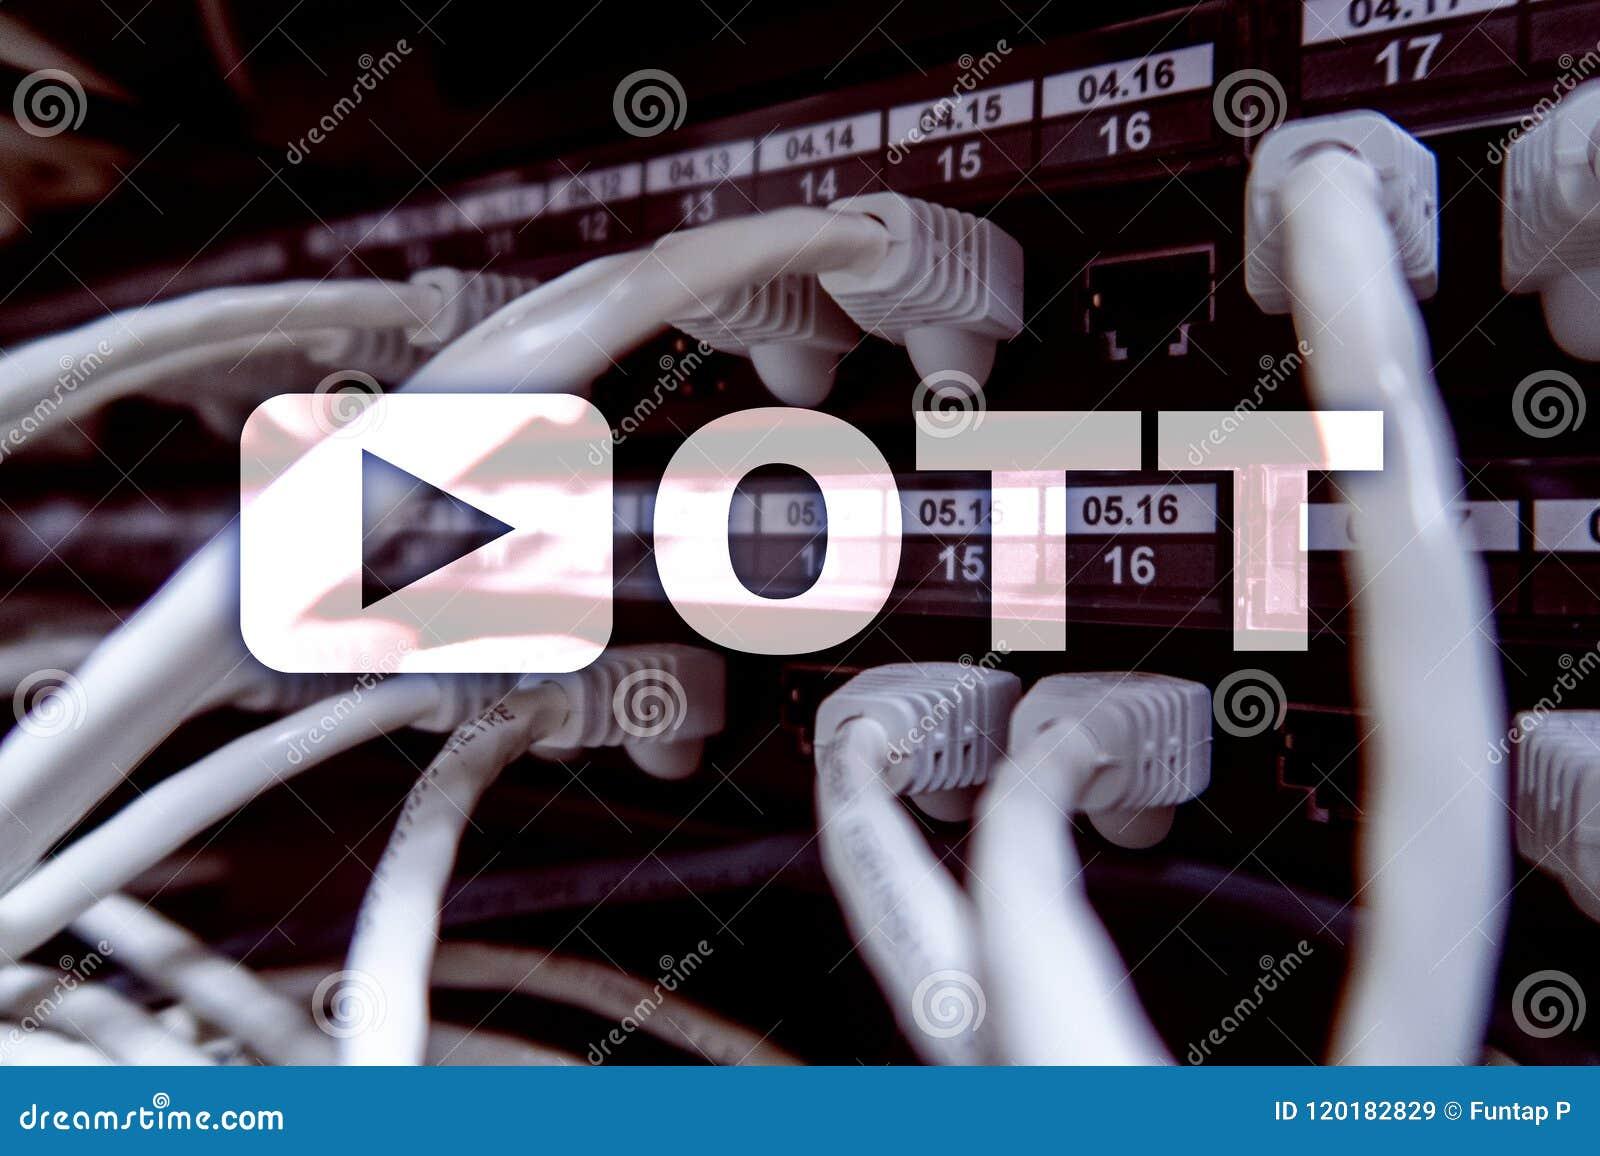 Ott Iptv Video Streaming Over The Internet Stock Illustration Wiring Diagram